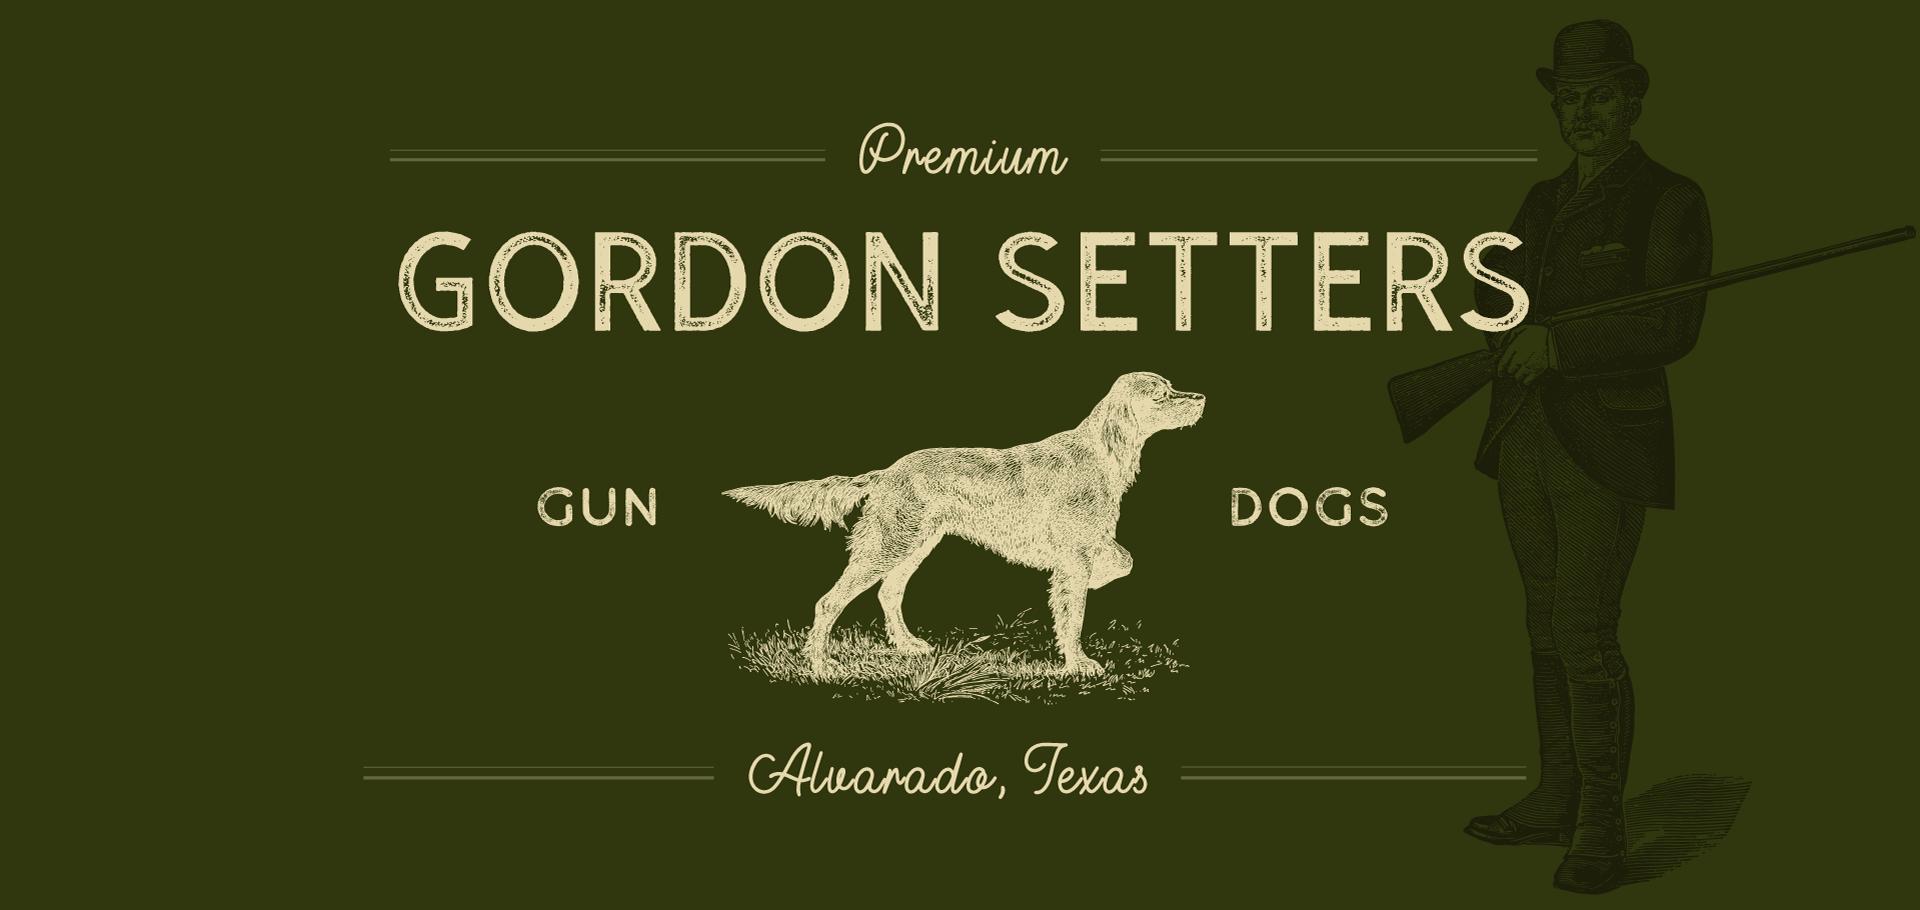 Gordon Setter Breeders